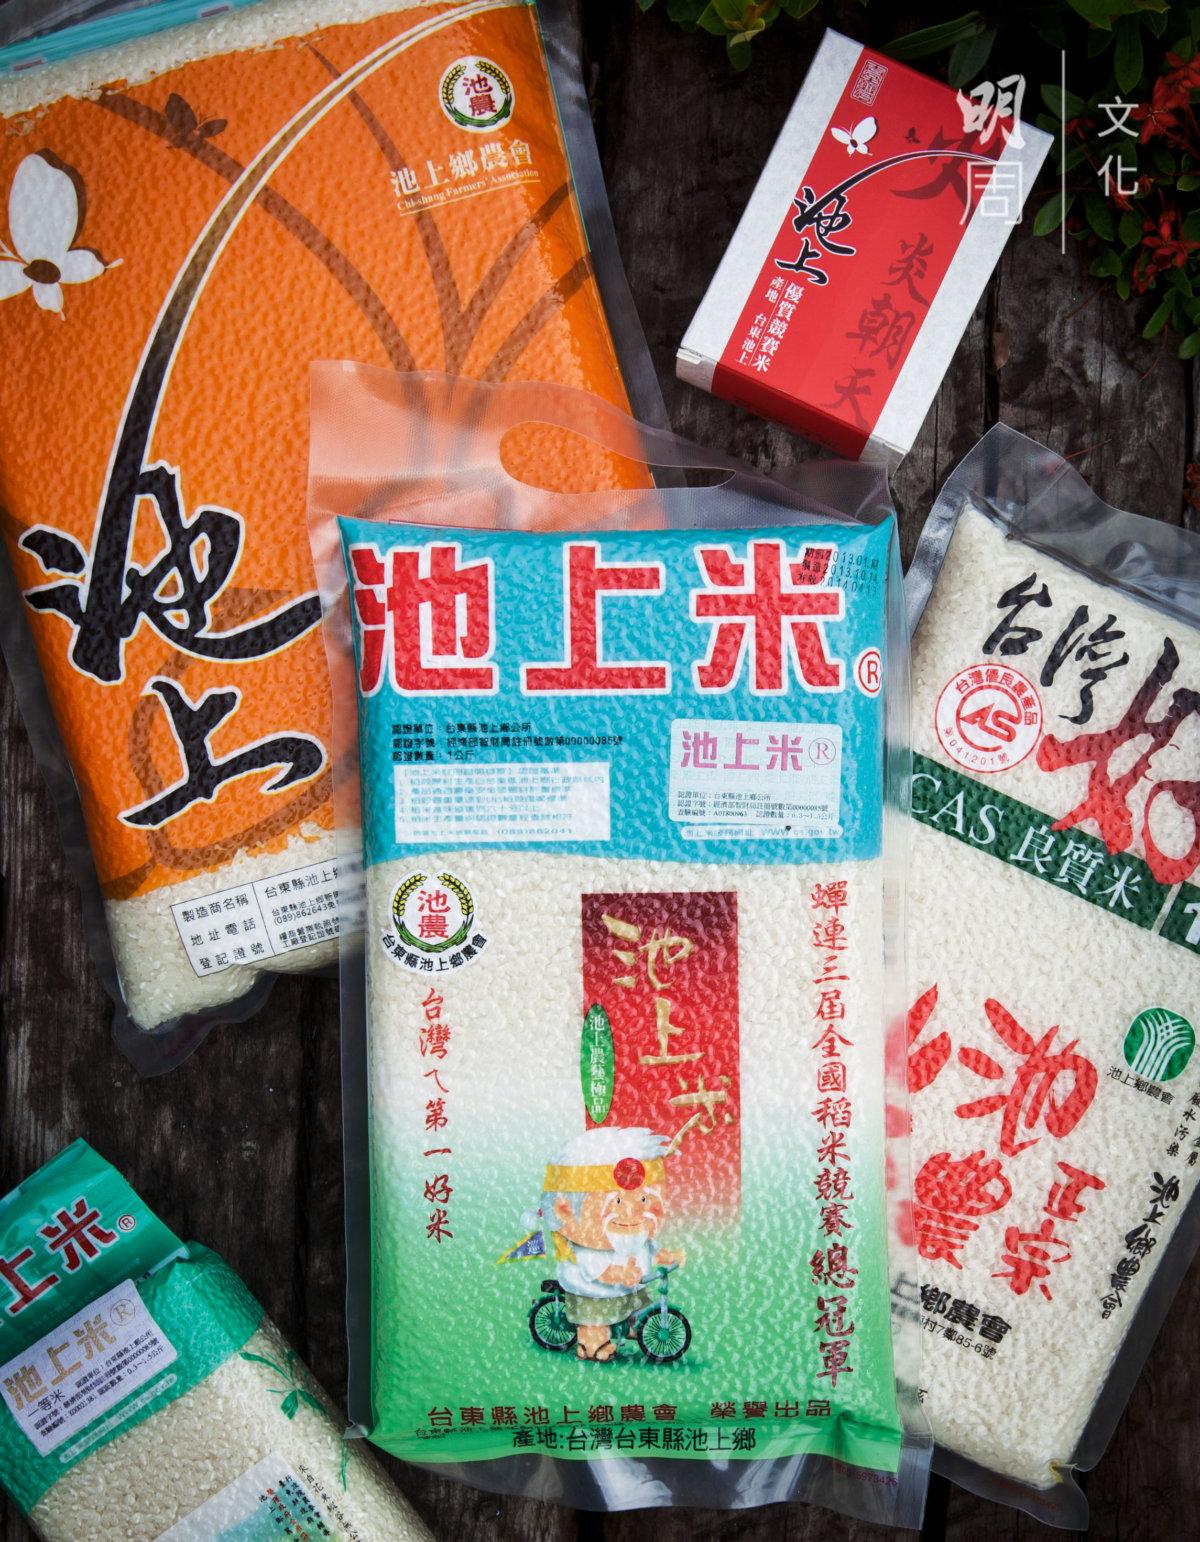 稱得上「池上米」,必須有產地標章,各種規格、各式包裝,吸引不同客戶羣。